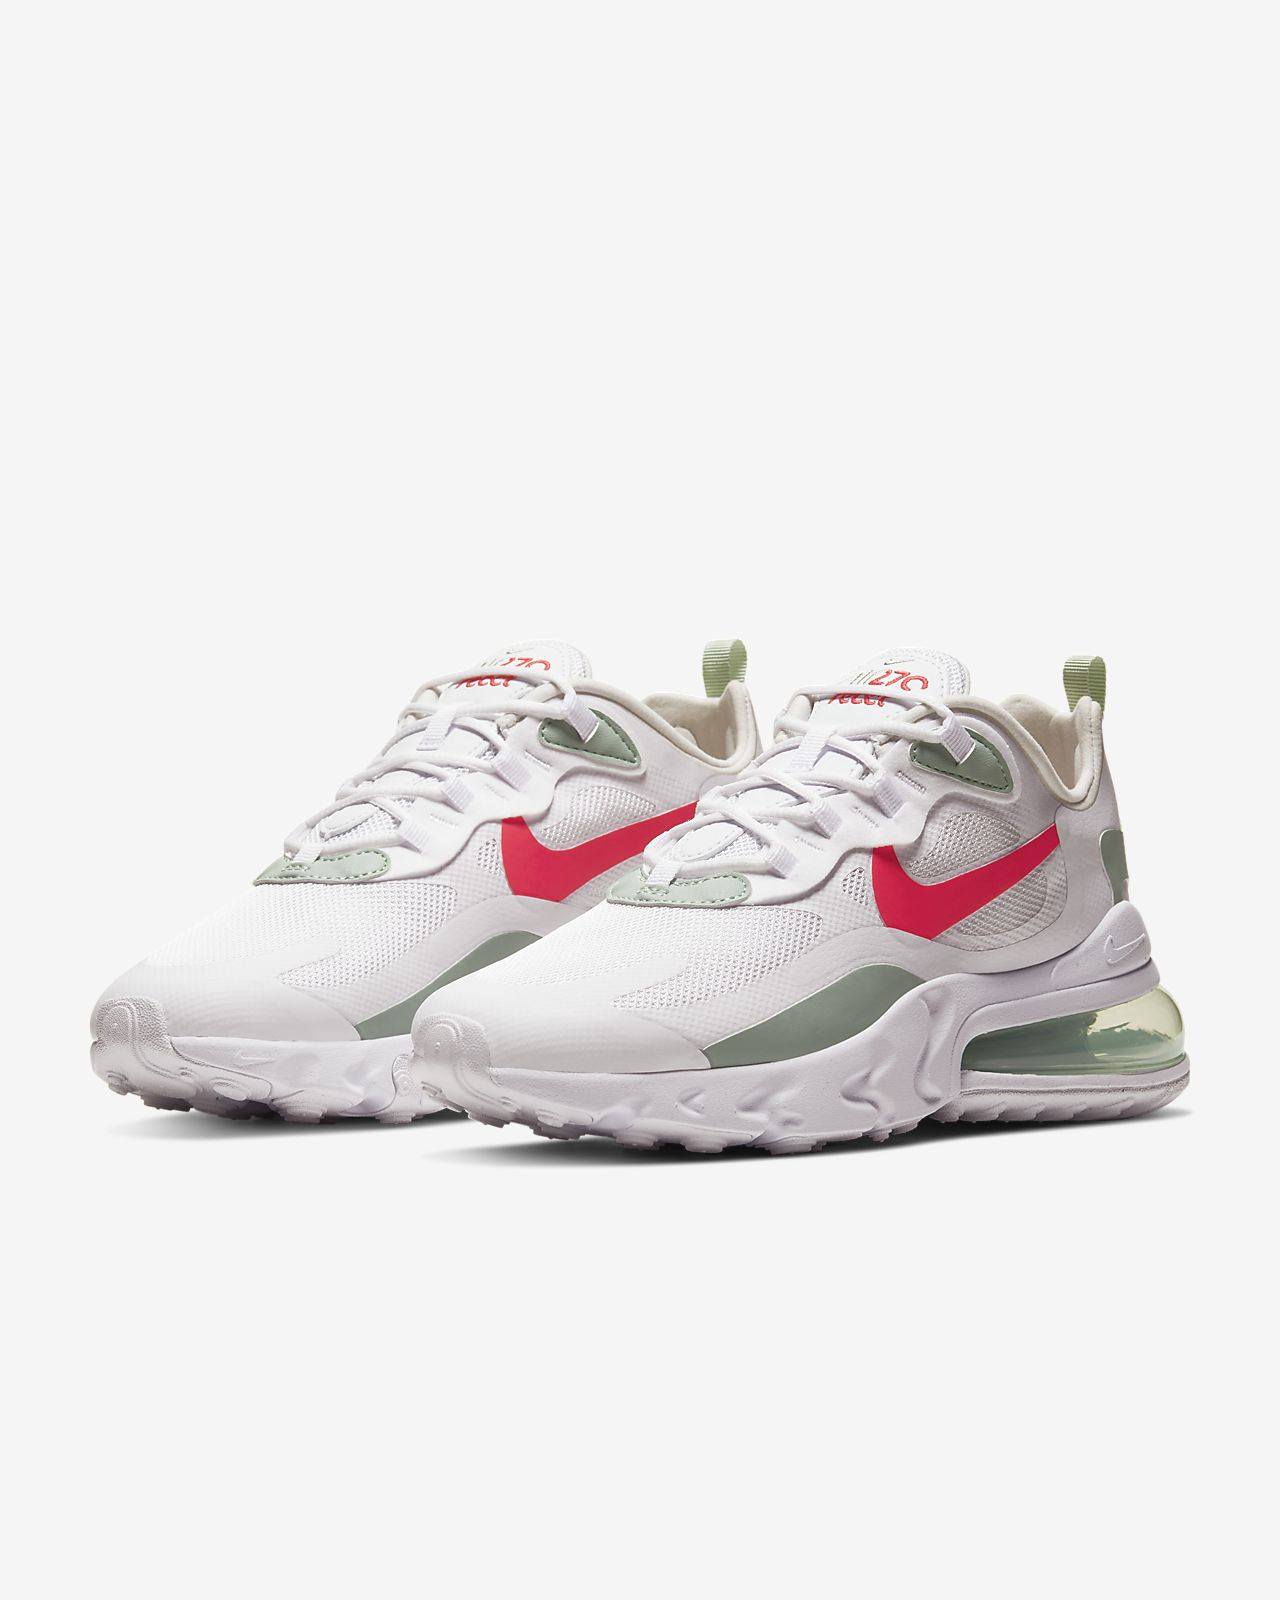 Nike Air Max 270 React Damenschuh